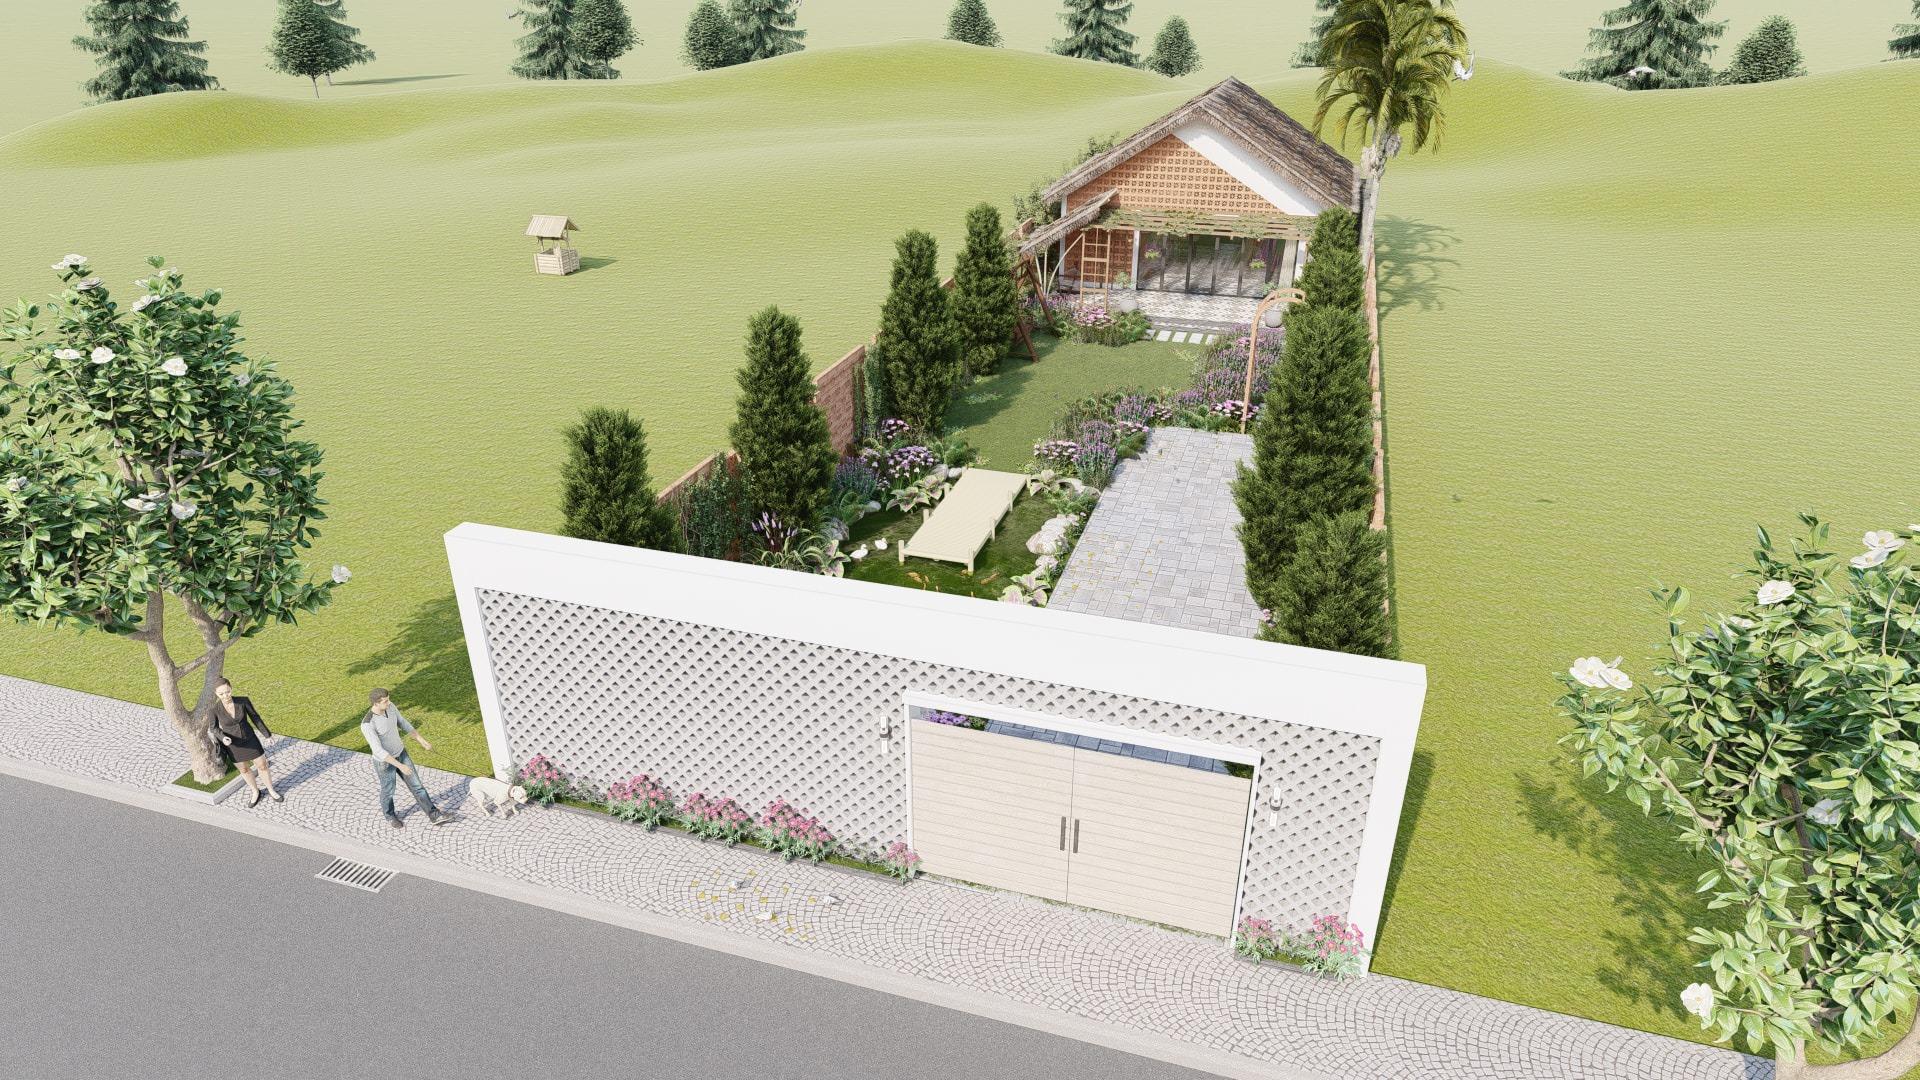 thiết kế Nhà tại Đồng Nai NHÀ SINH HOẠT TUẦN ,NGHĨ DƯỠNG  10 1557156710